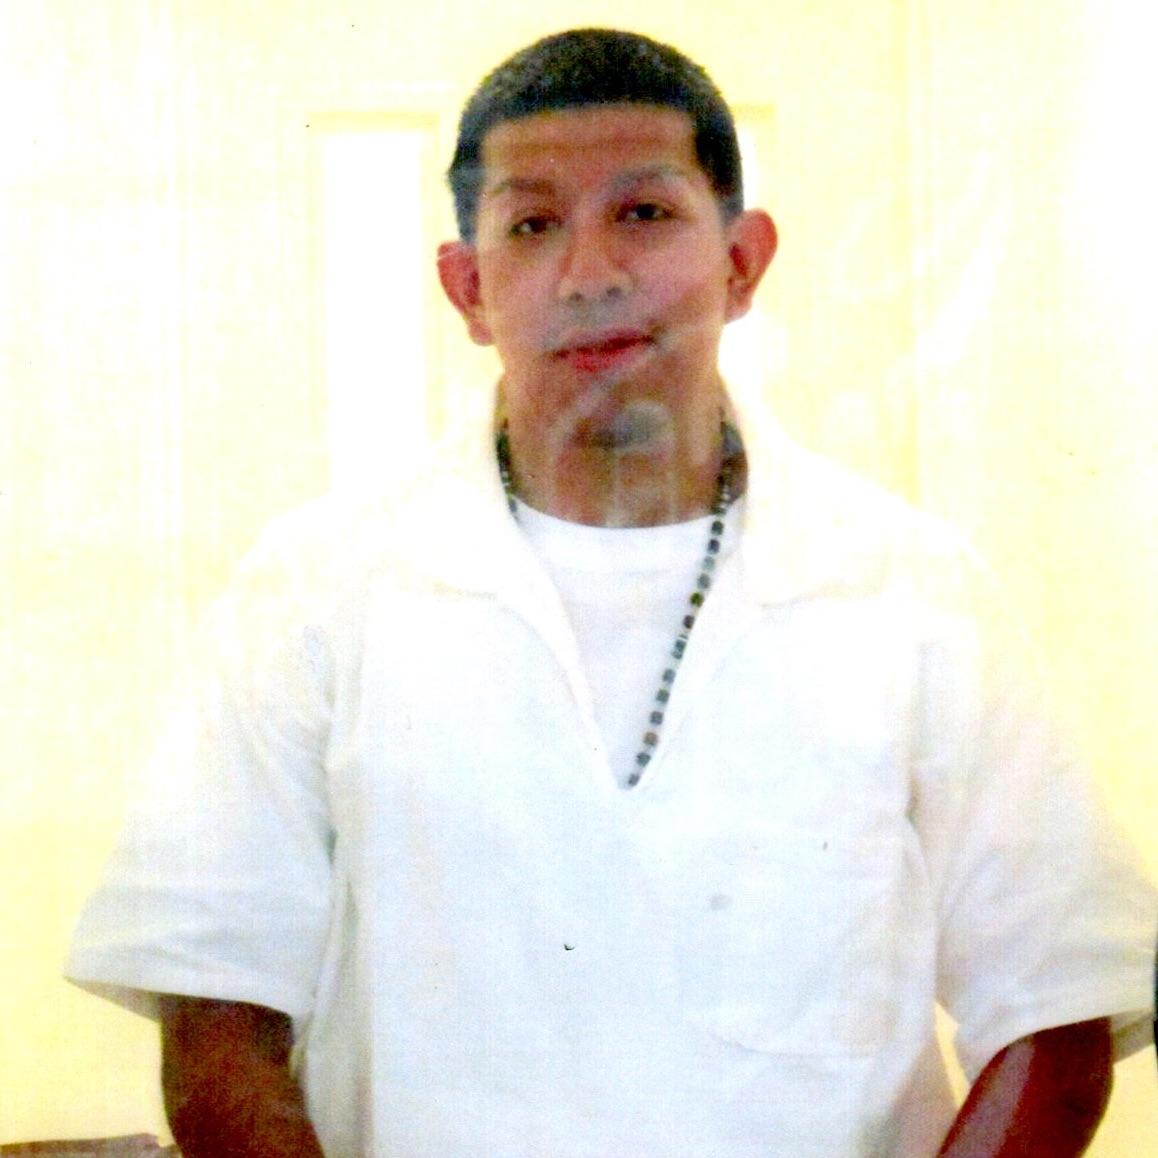 Santiago Hernandez 01950952